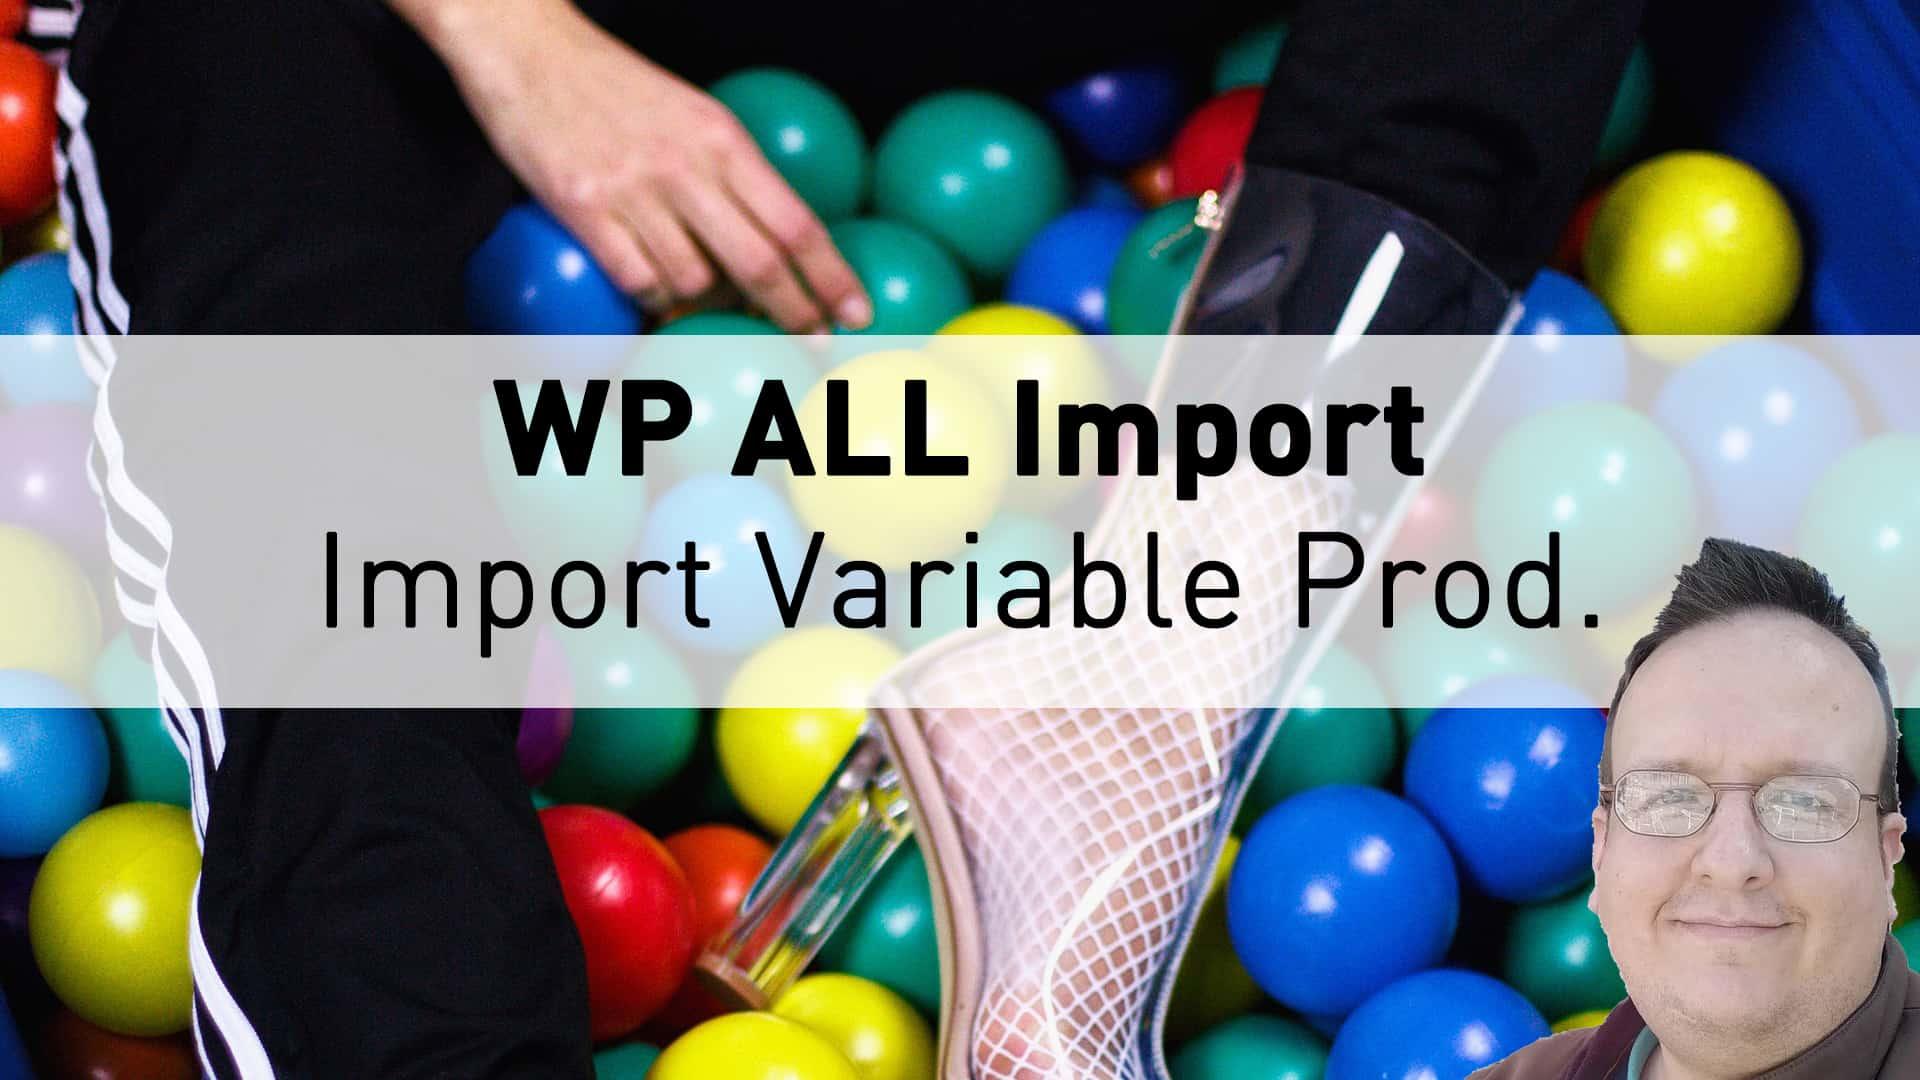 Wie kann ich mit WP ALL Import Variable Produkte einfach importieren